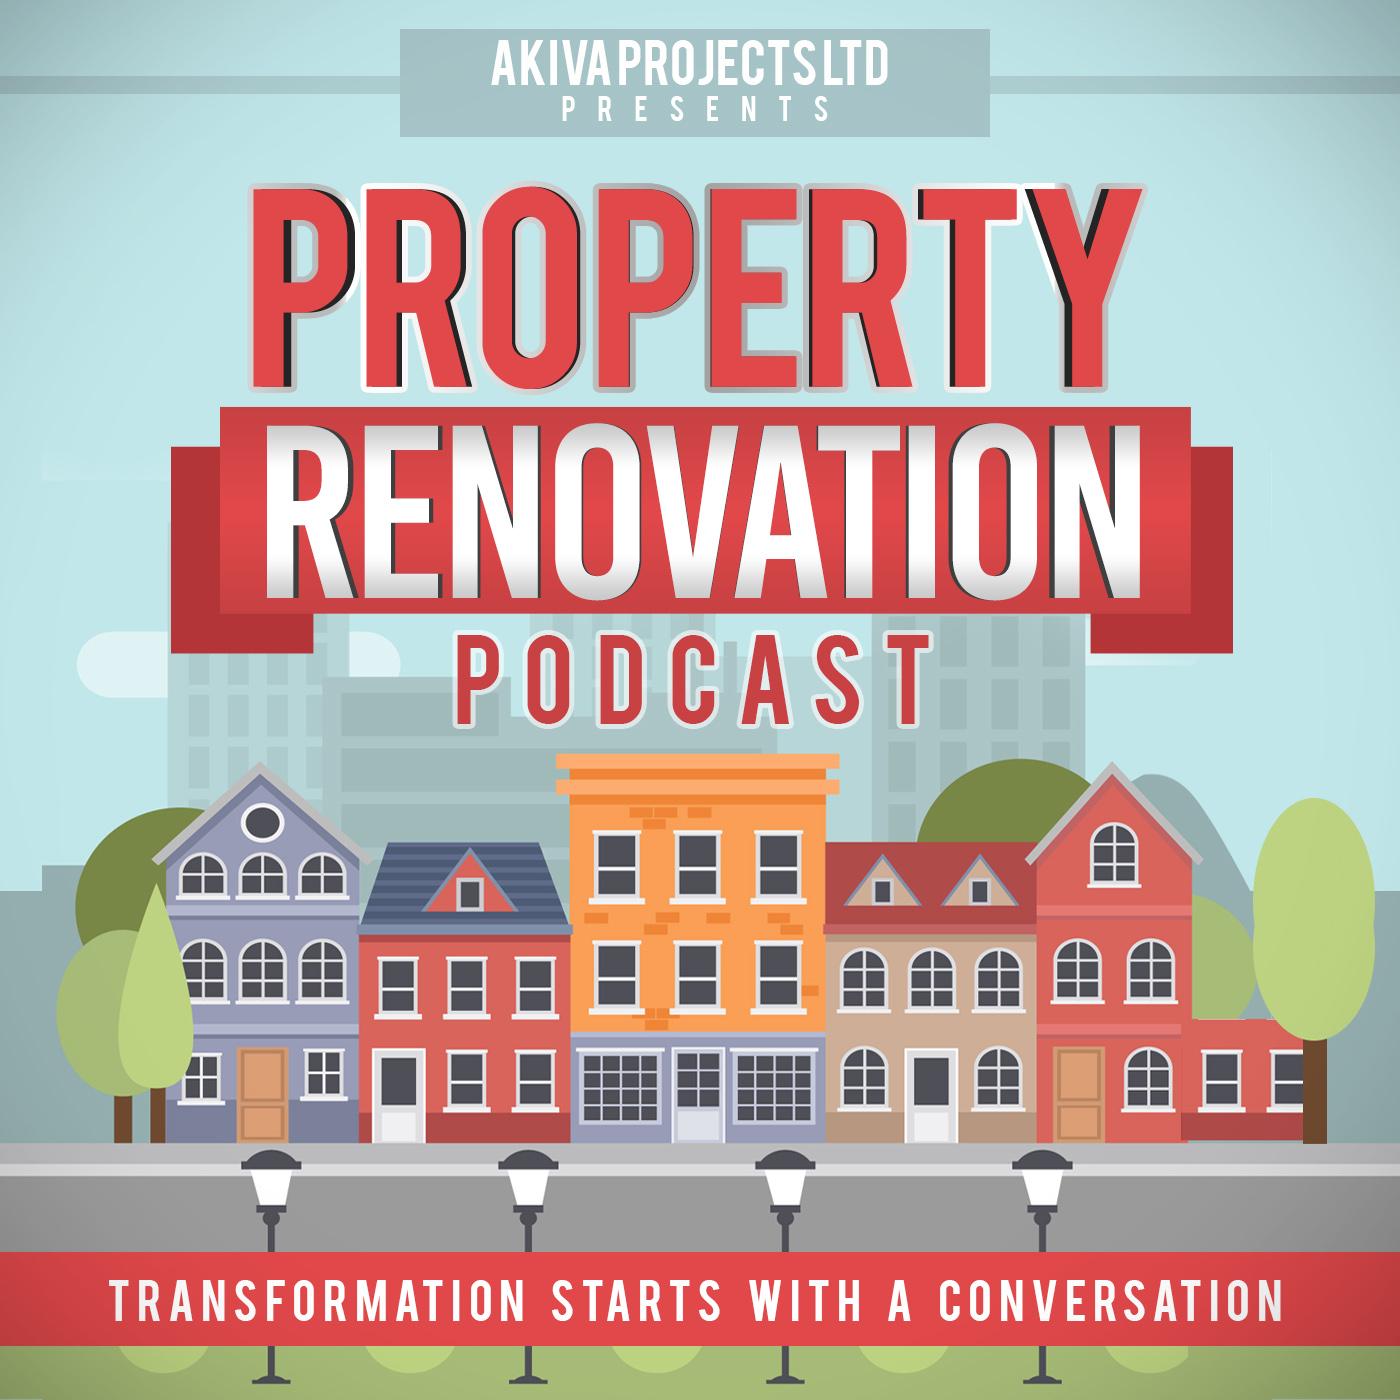 The Property Renovation Podcast